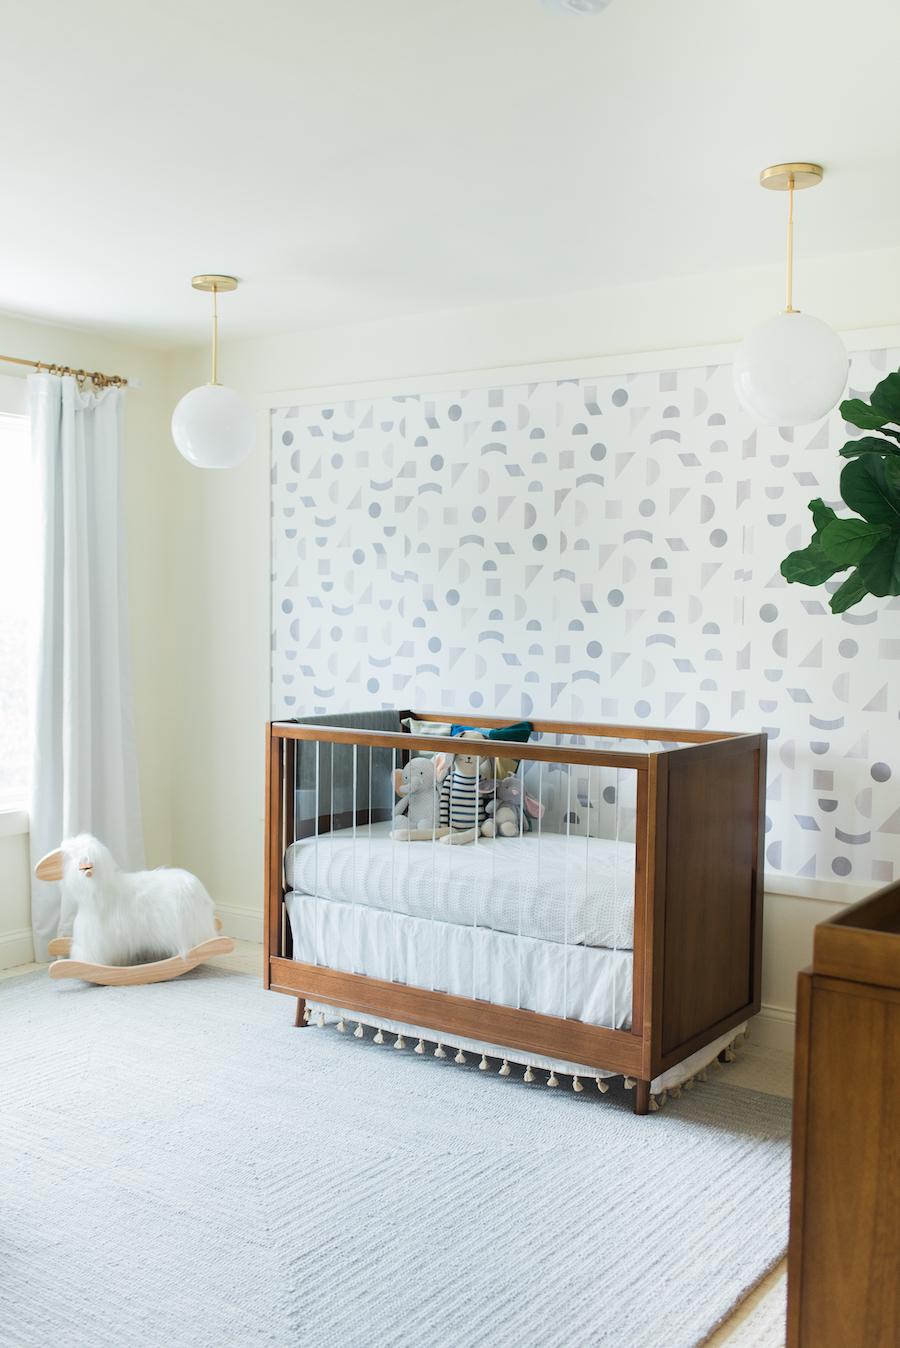 Jenna kutcher nursery acrylic crib little crown interiors - Little crown interiors ...